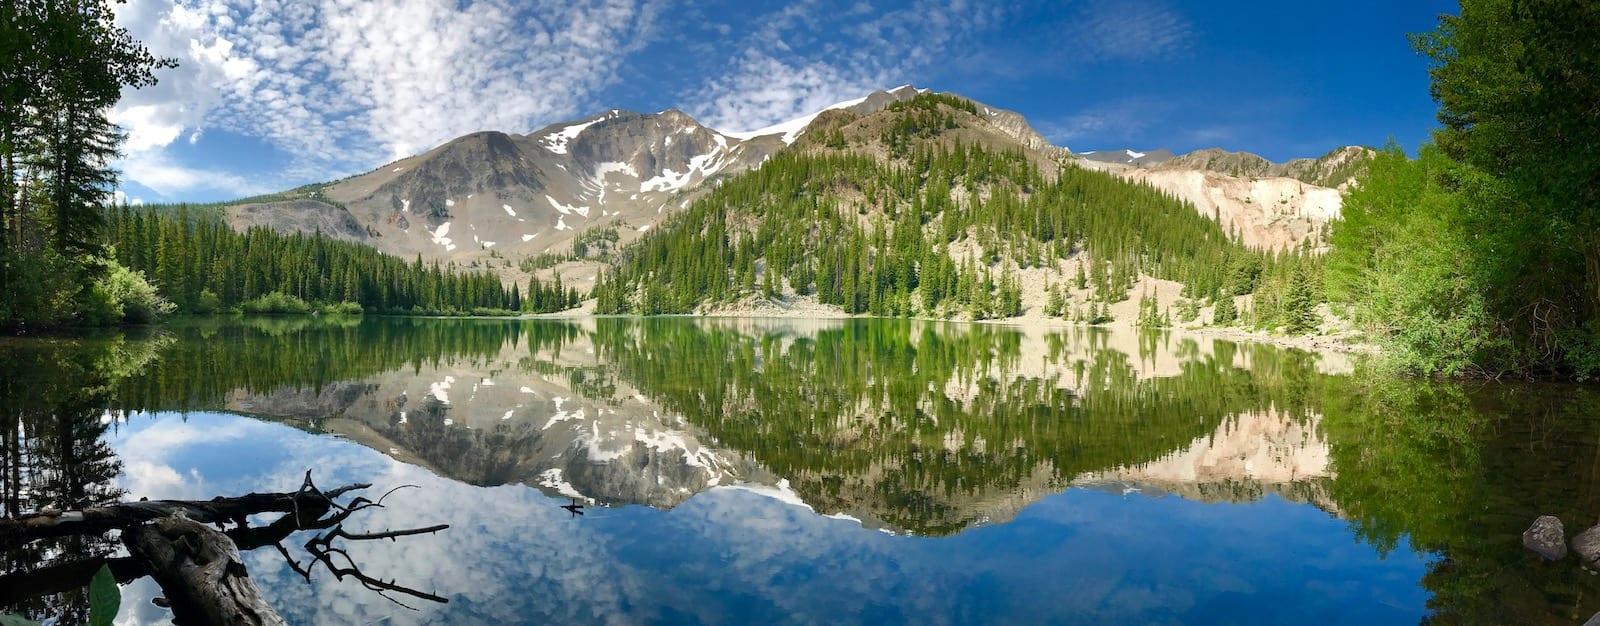 Lower Thomas Lake Mount Sopris